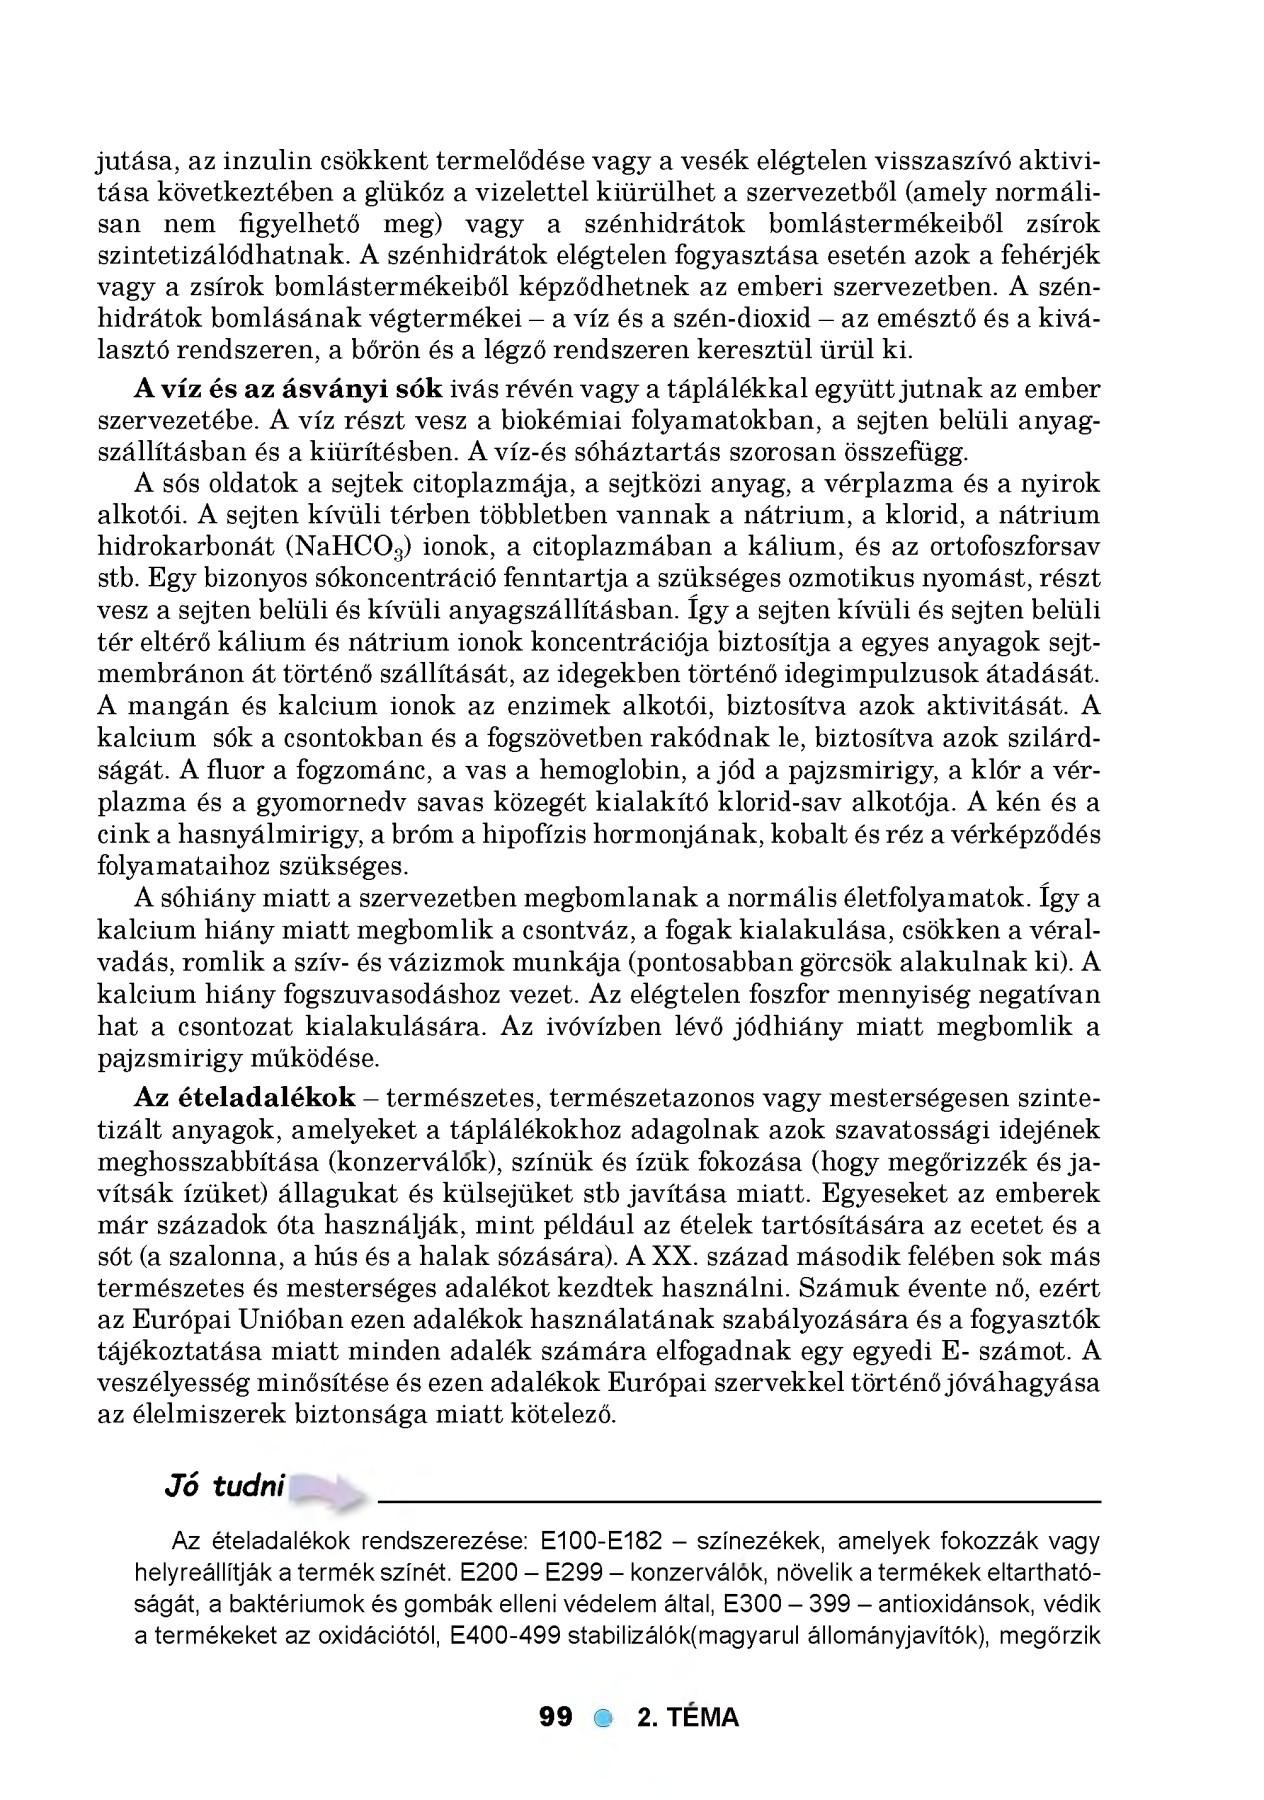 Aszcariasis cikk Felnőttkorban pozitív keresztezett férgek elleni antitestek